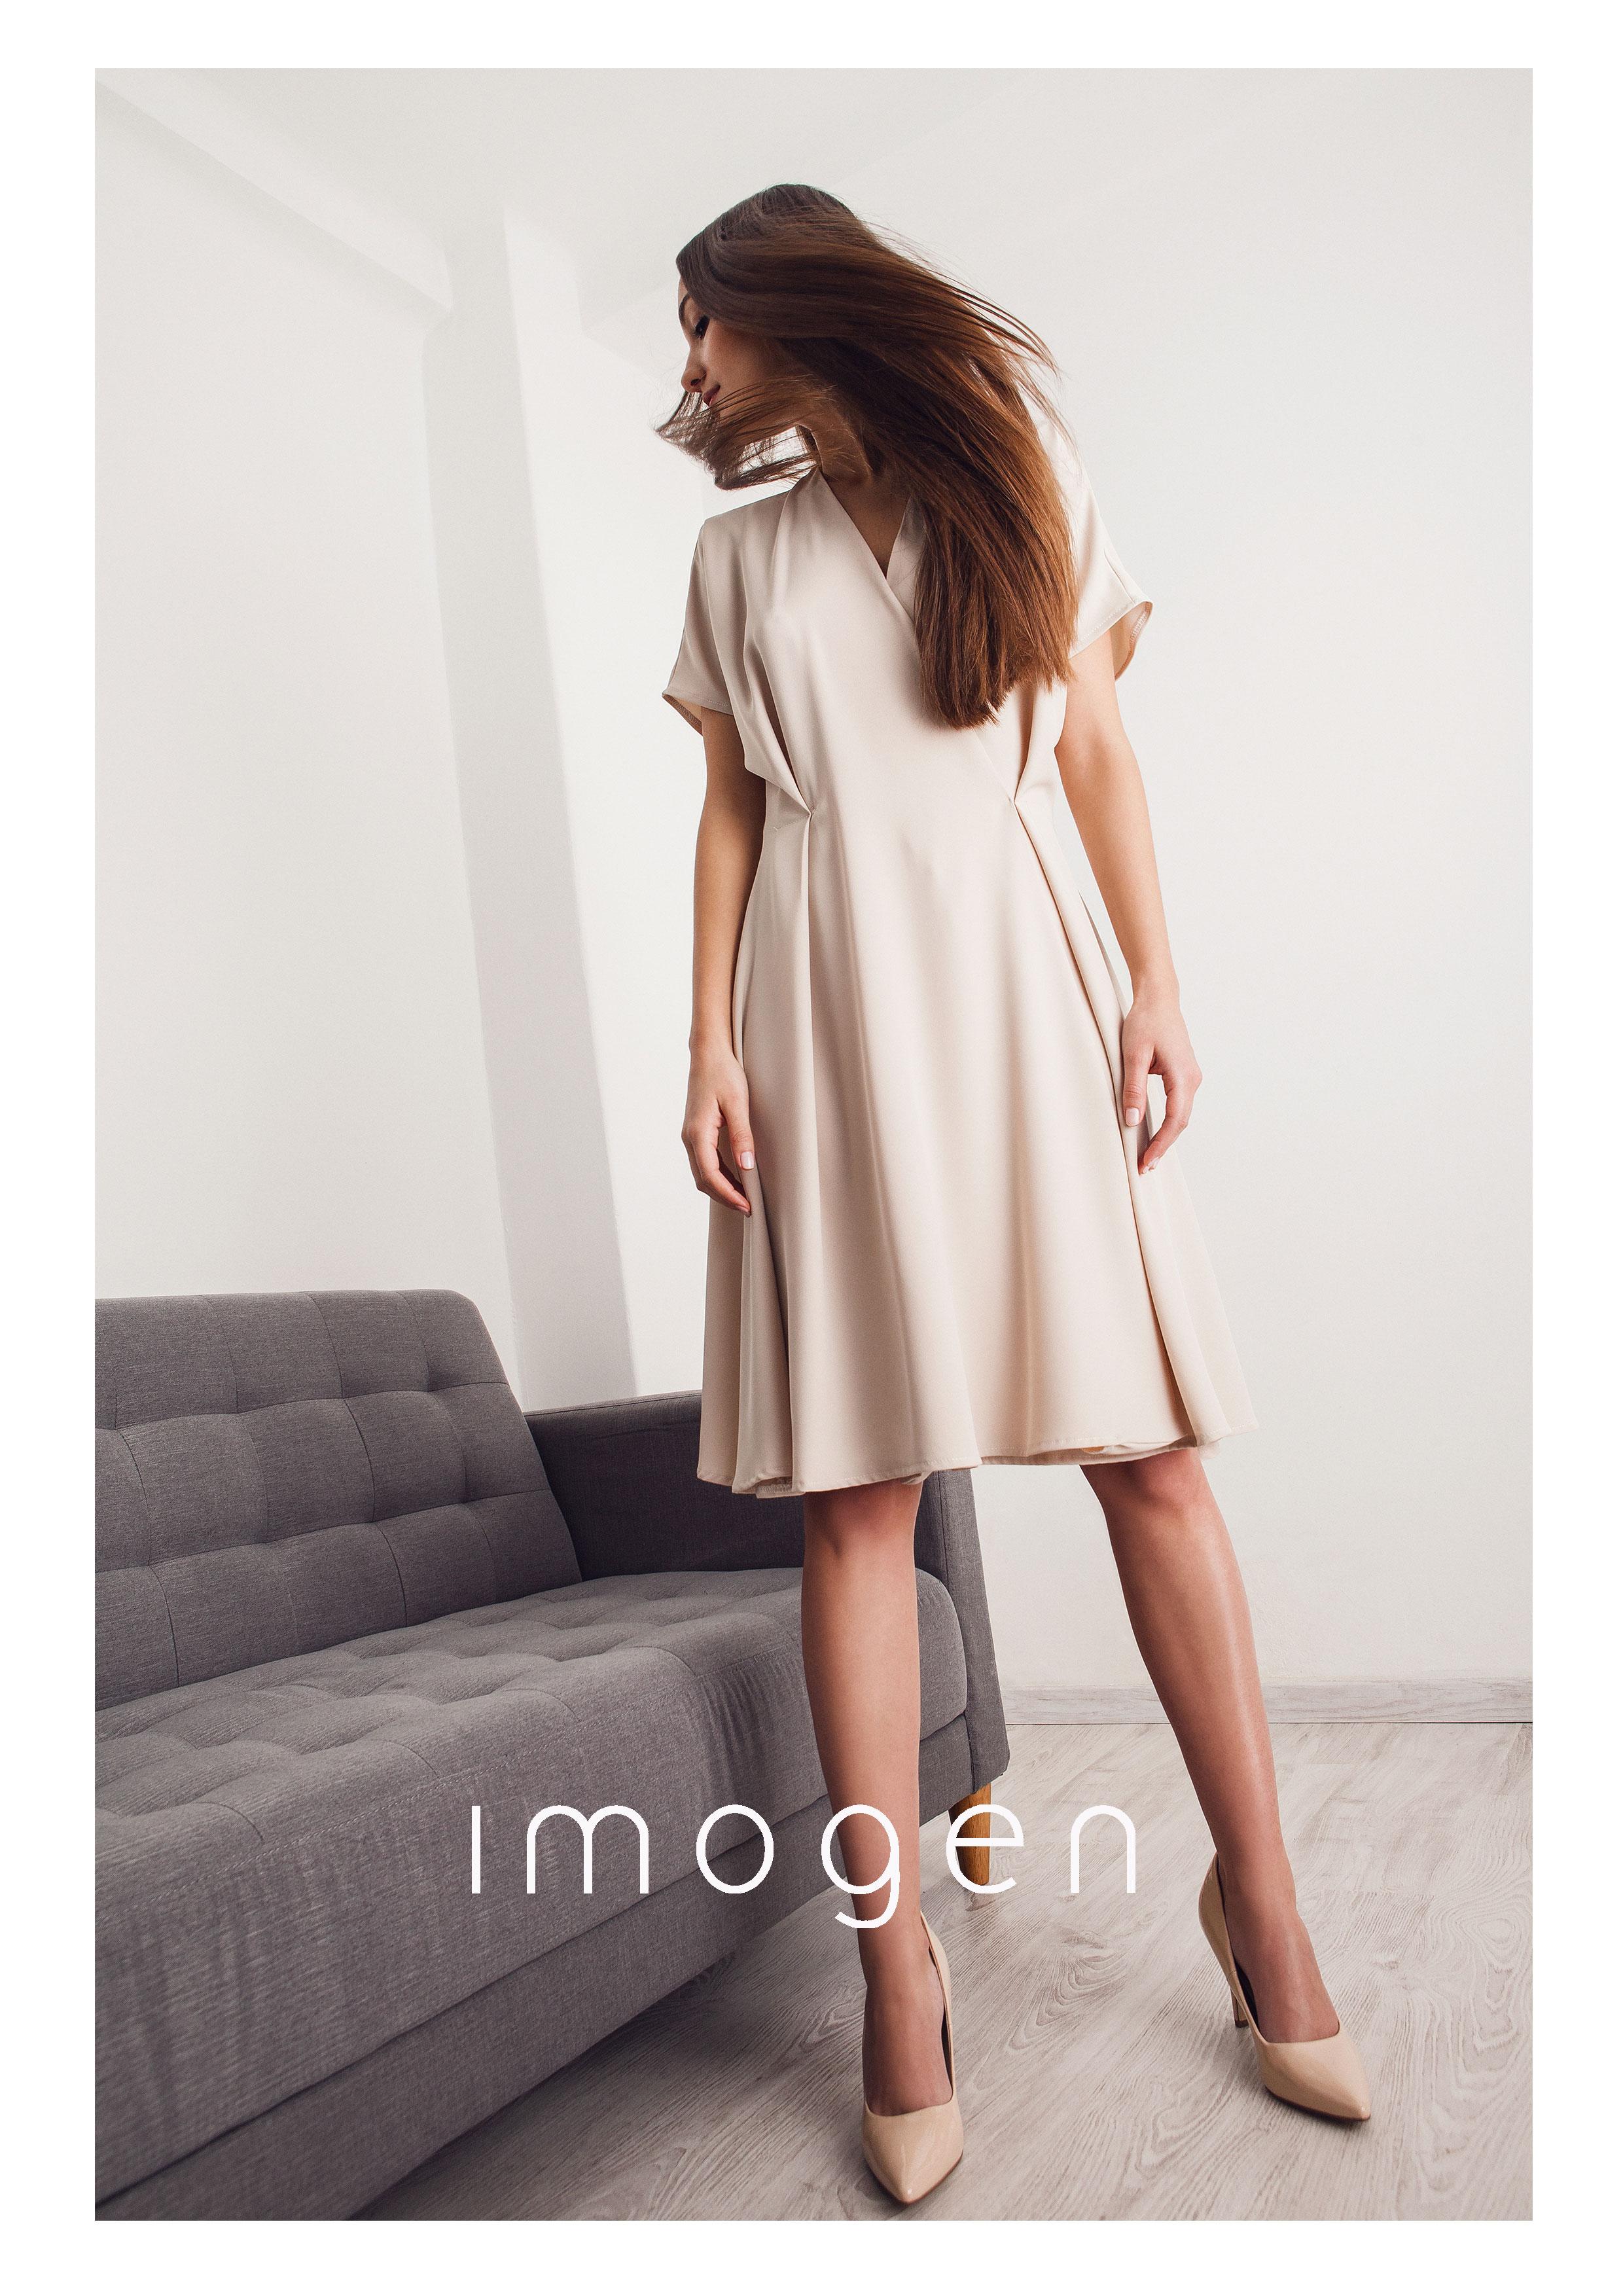 Imogen márka legújabb kollekciója megérkezett!